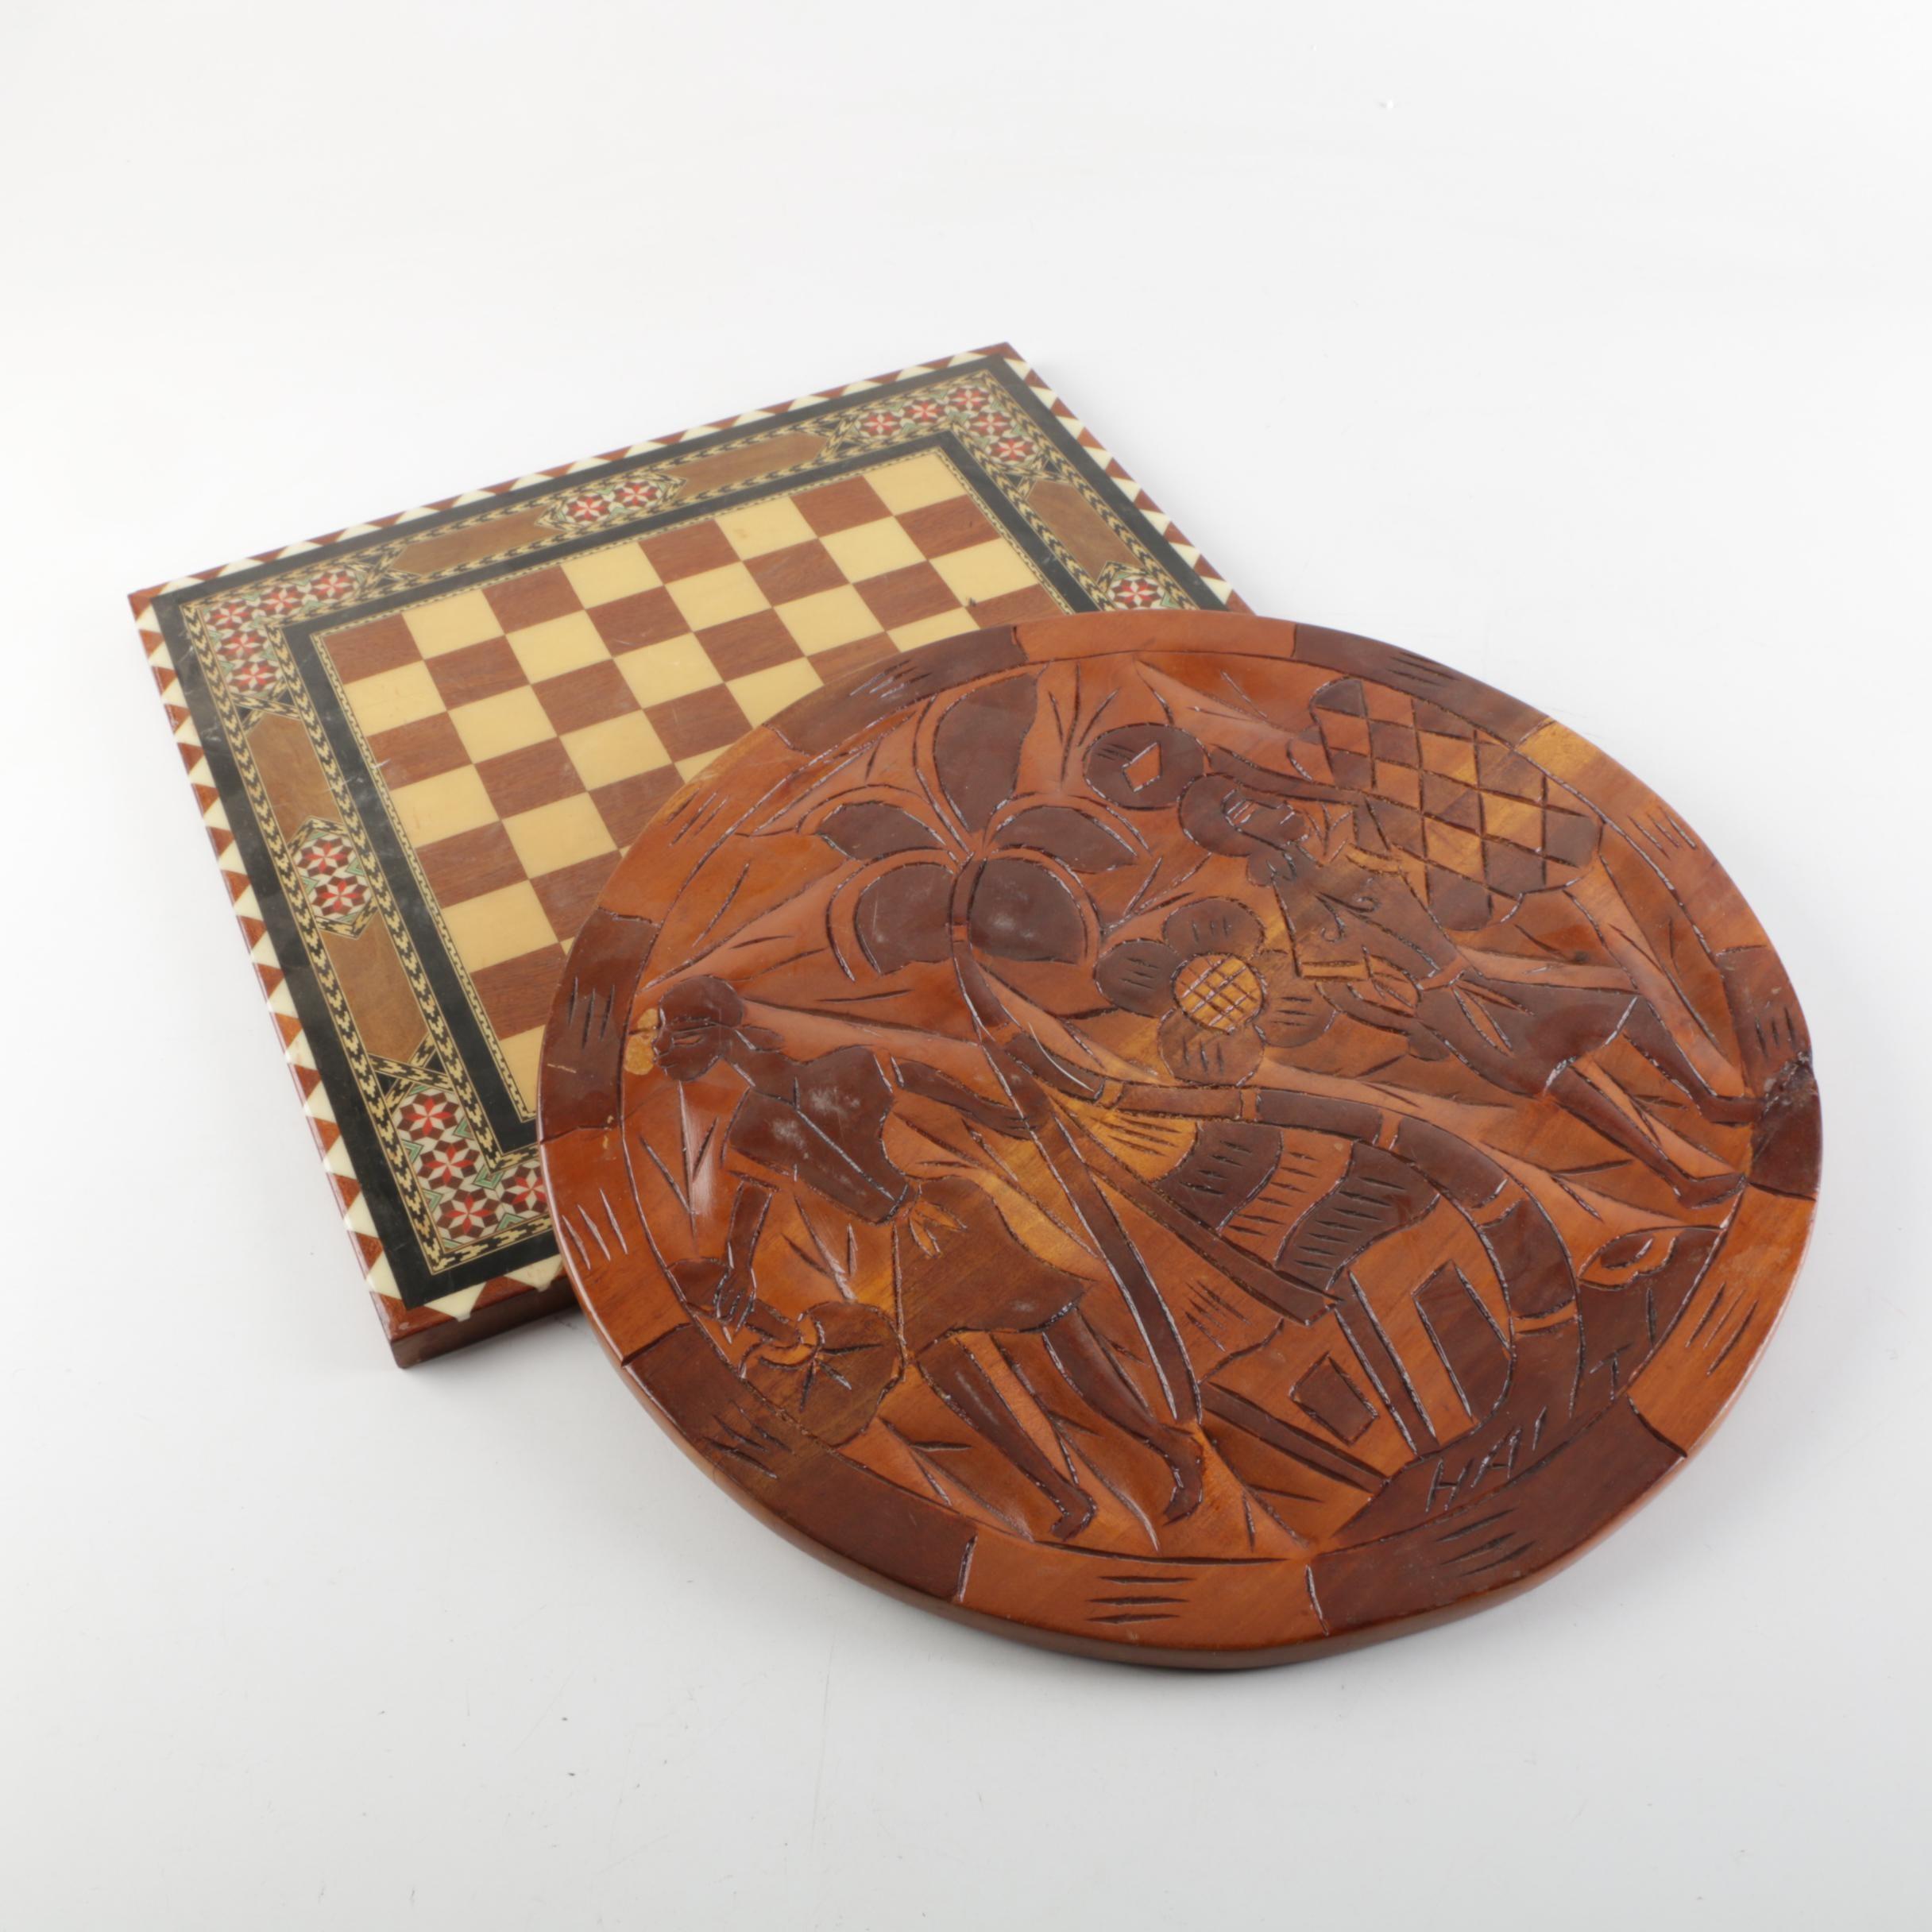 Decorative Chess Boards